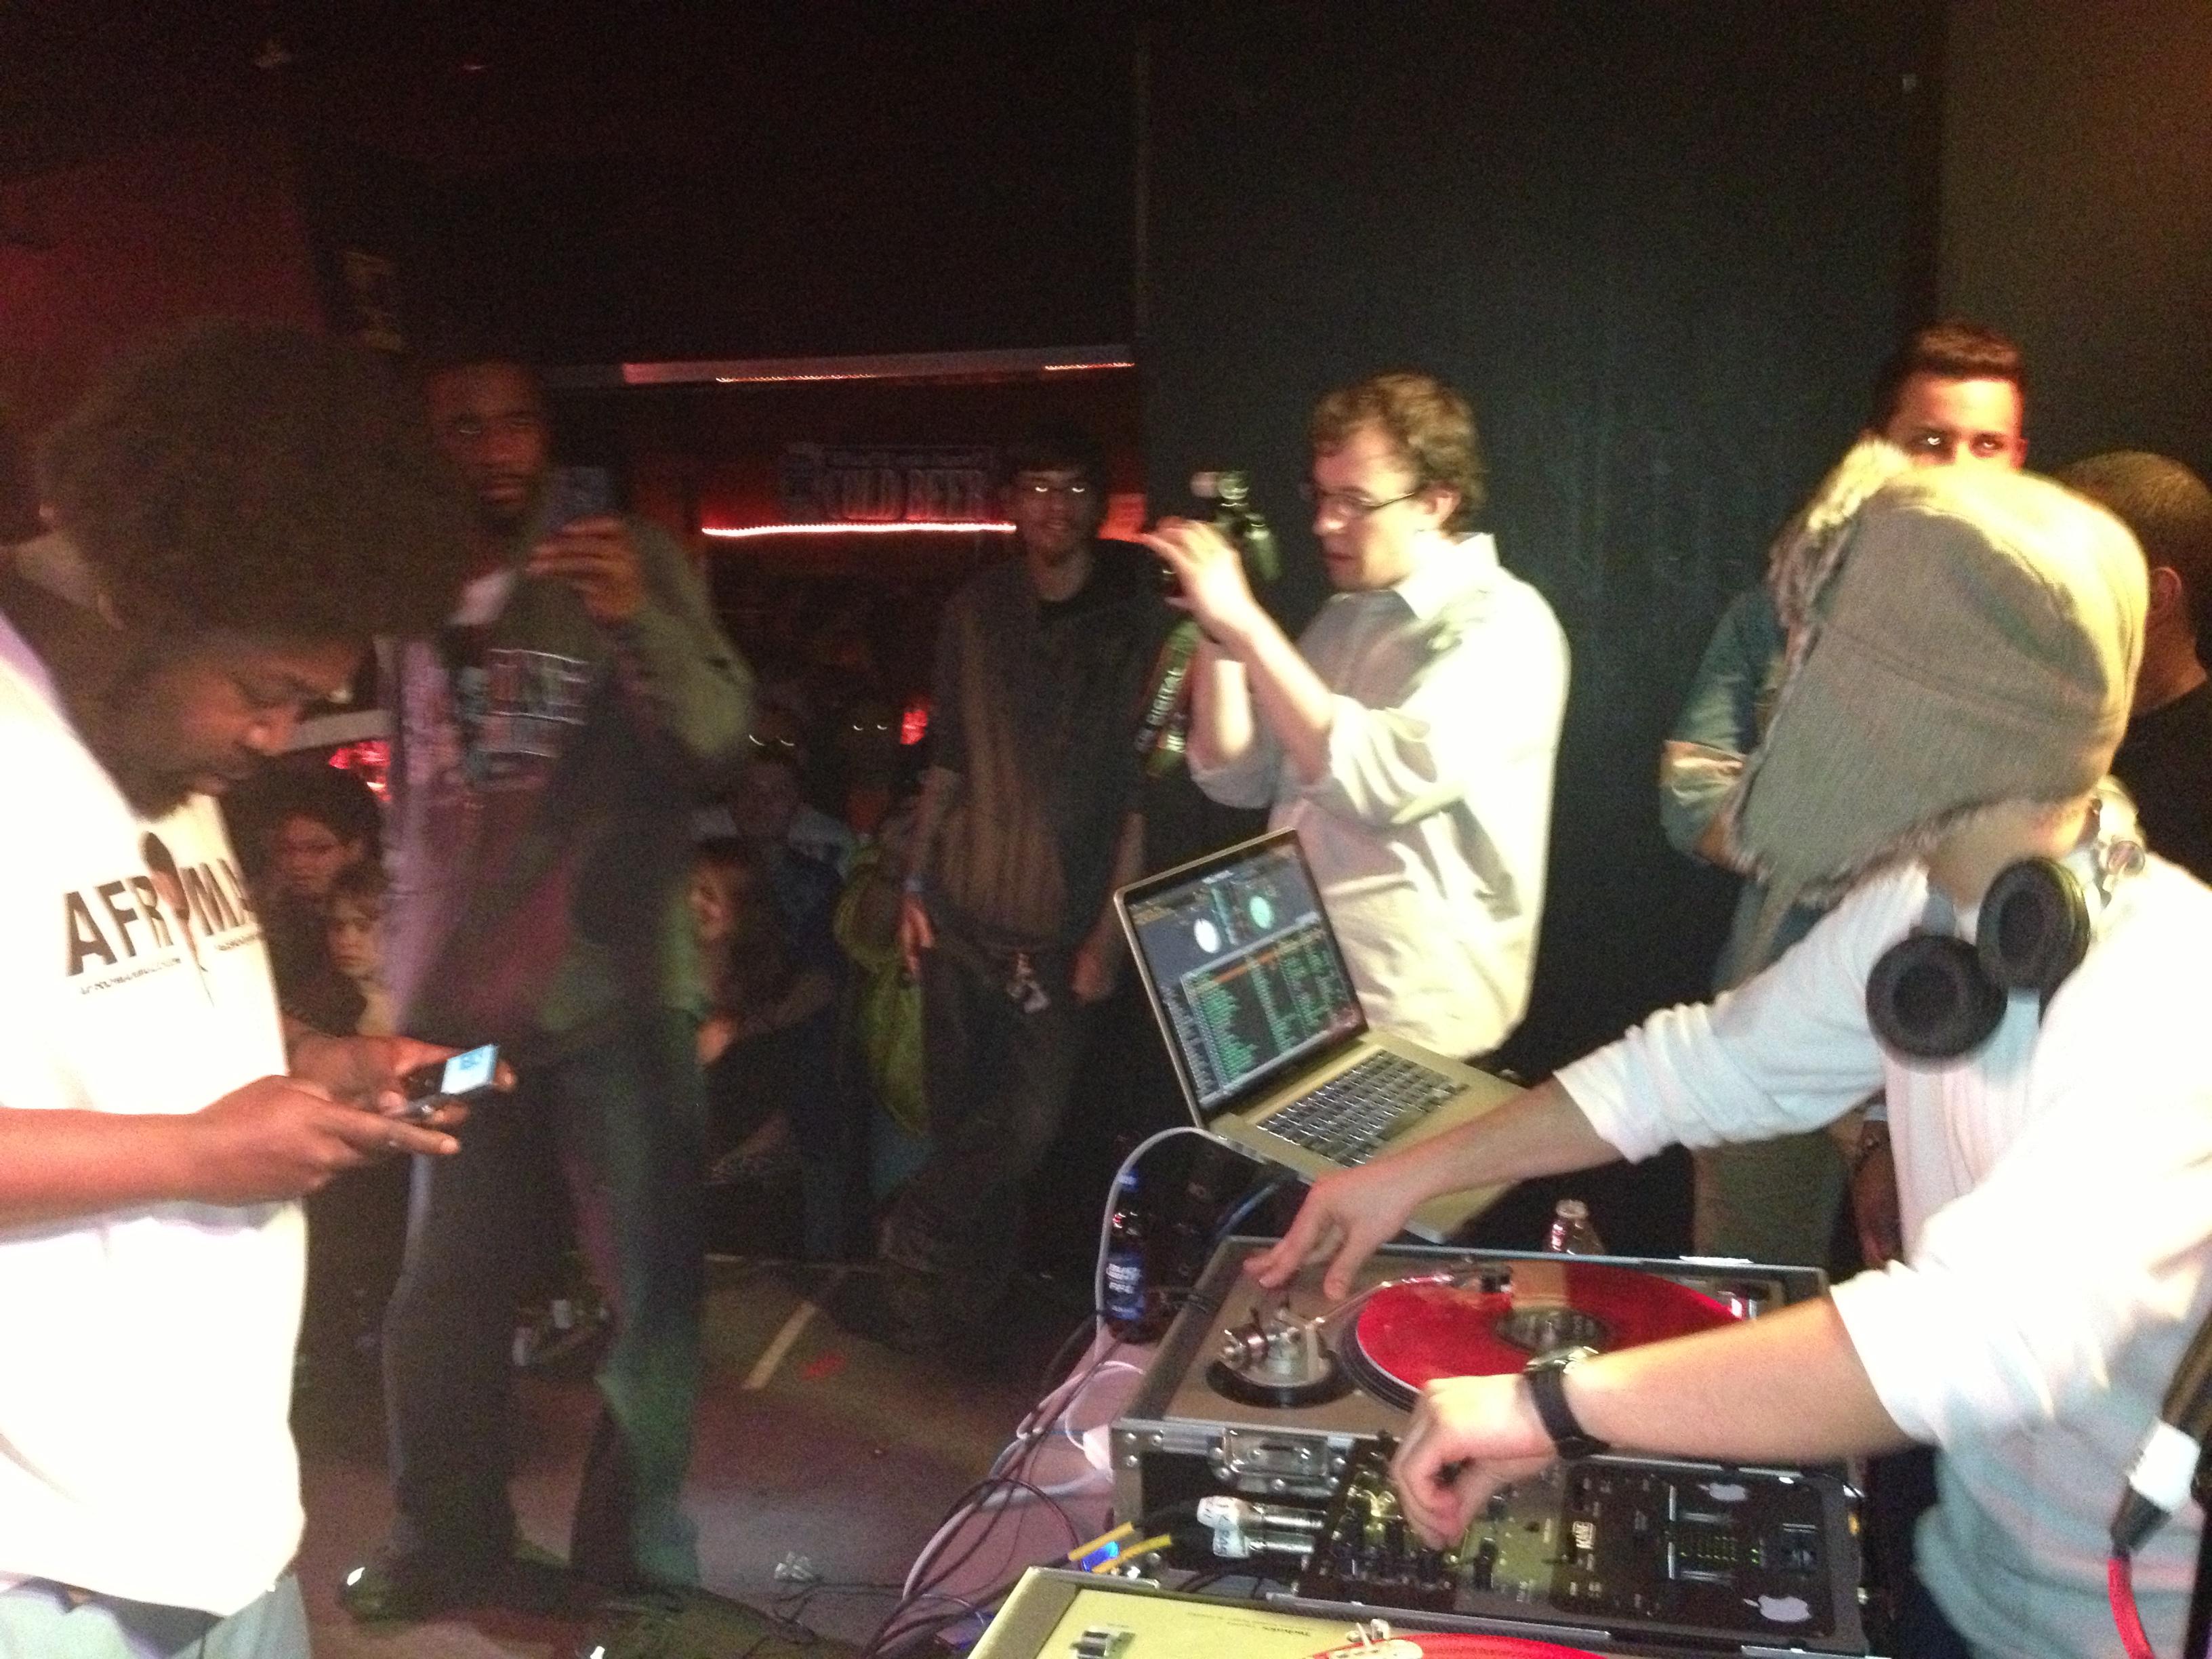 DJ Ell Afroman Concert